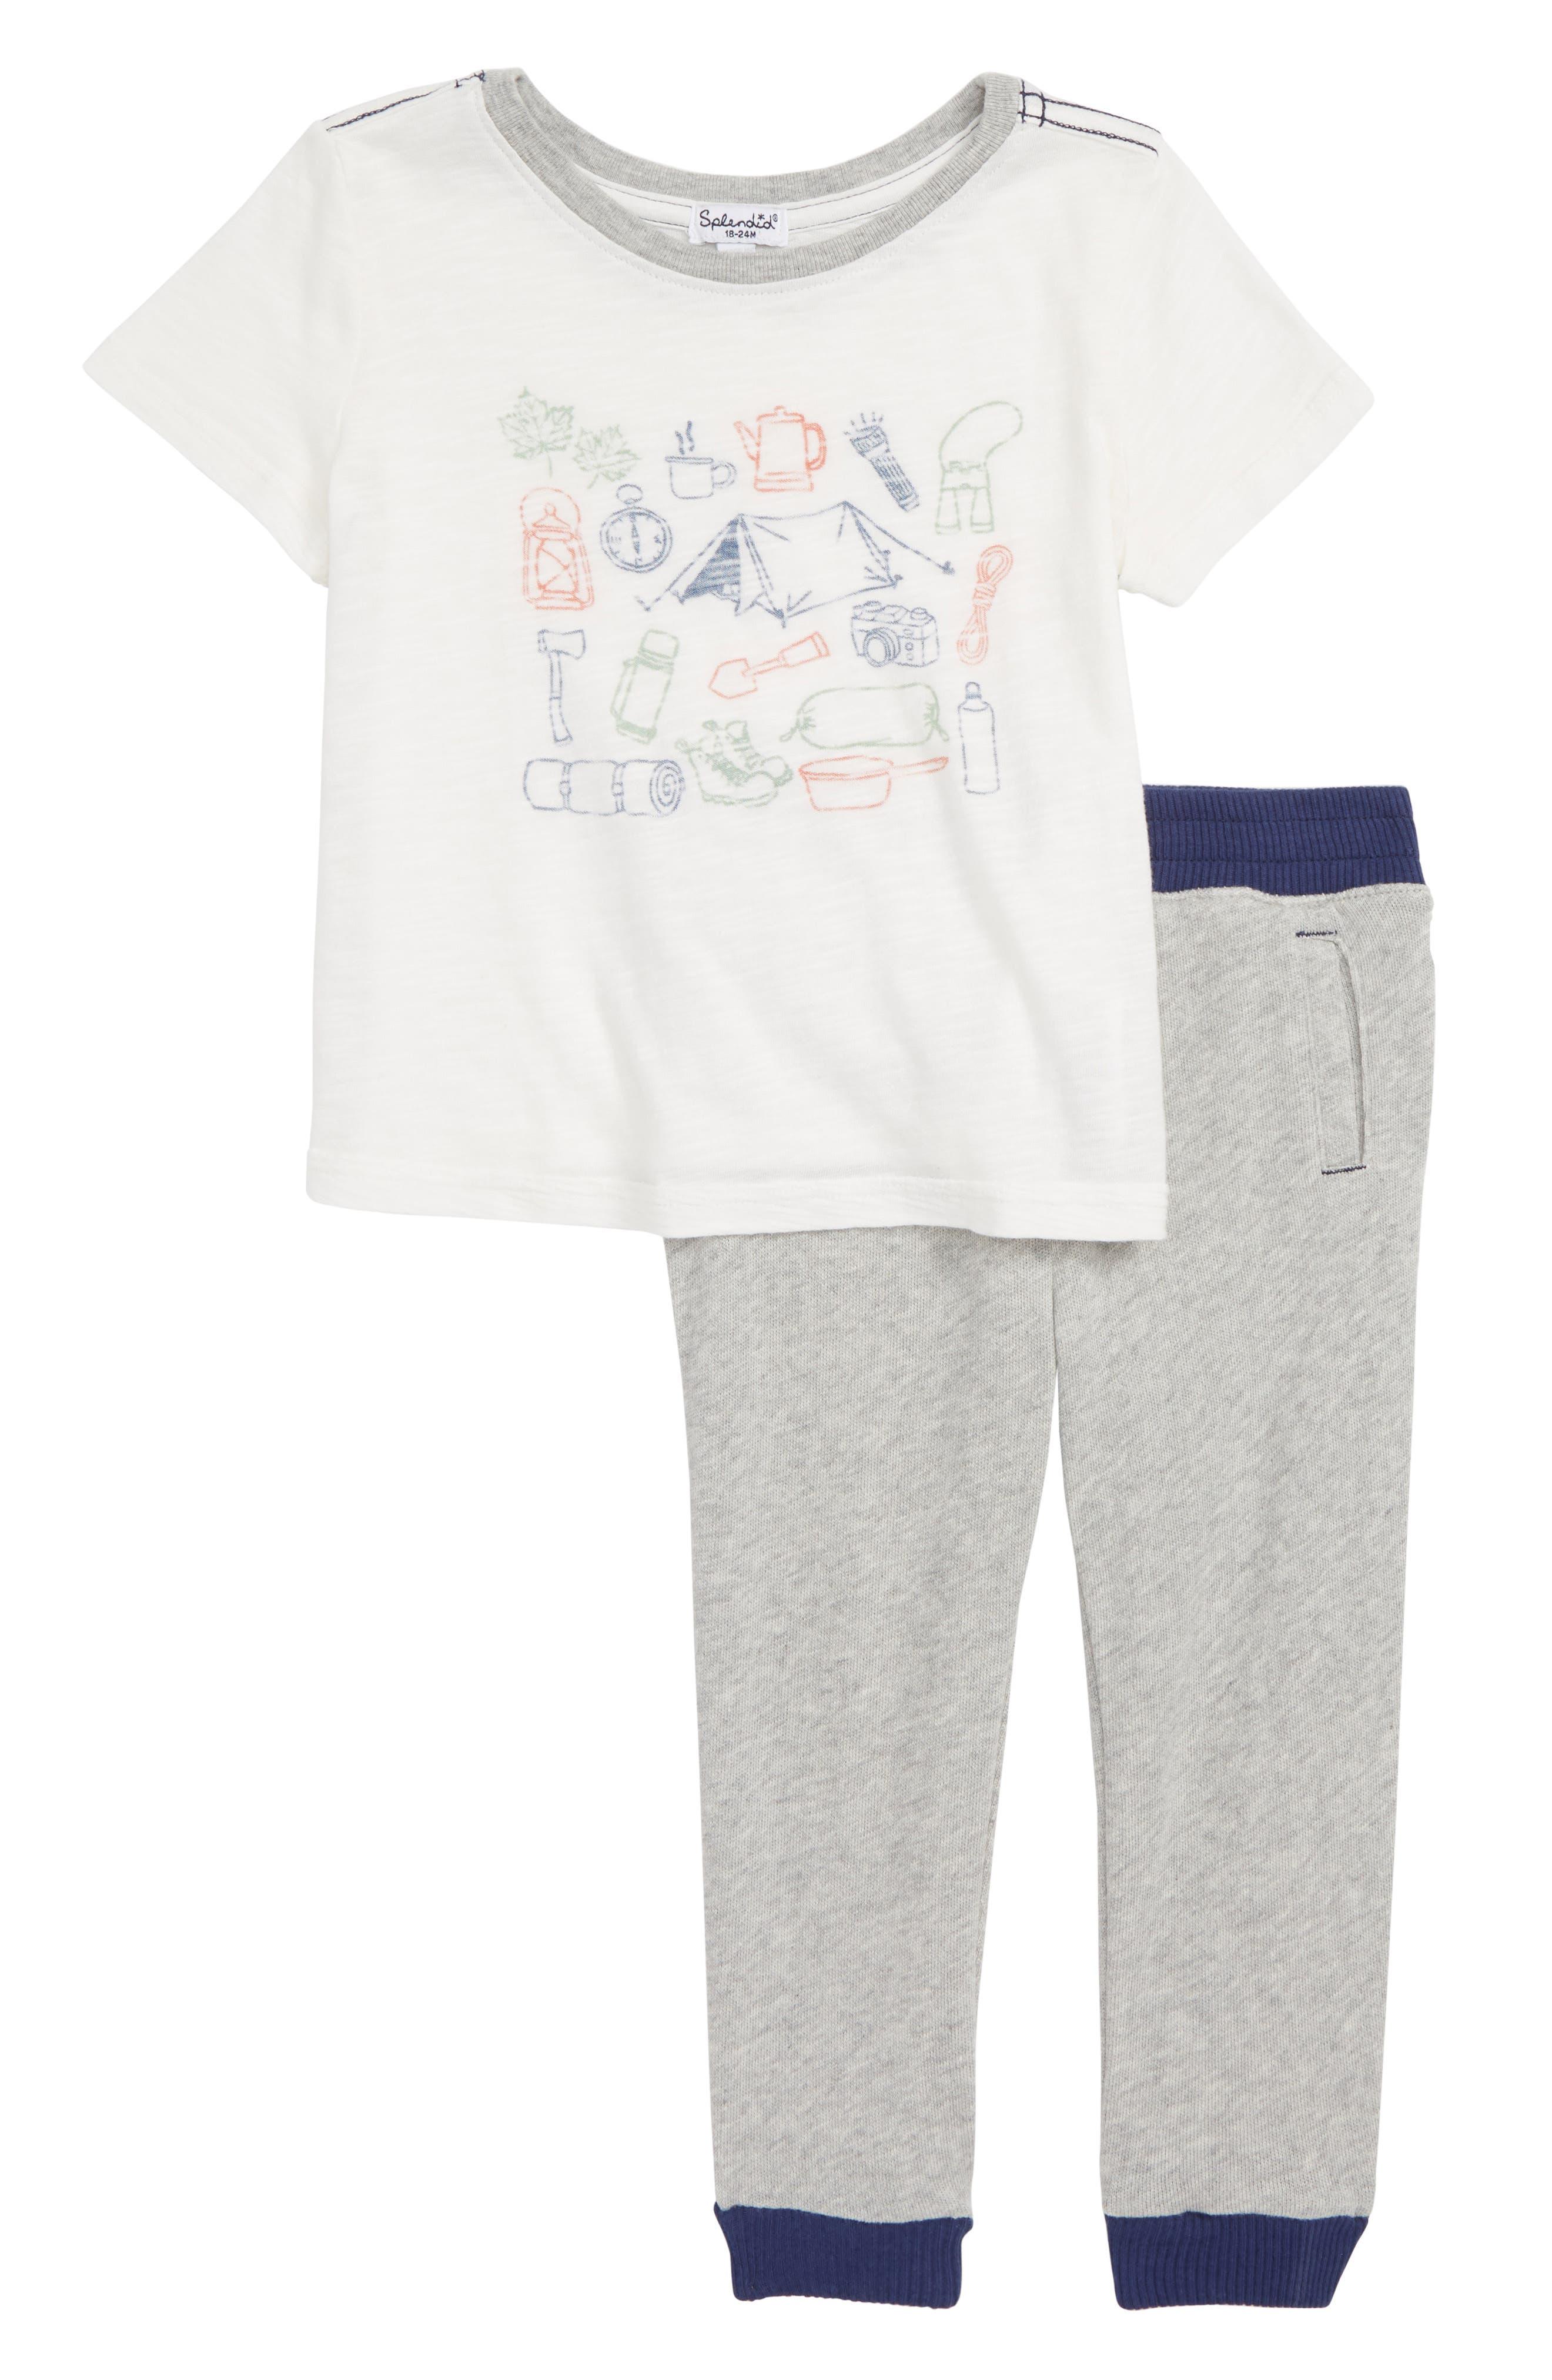 Camping Graphic T-Shirt & Pants Set,                             Main thumbnail 1, color,                             FULL SAIL